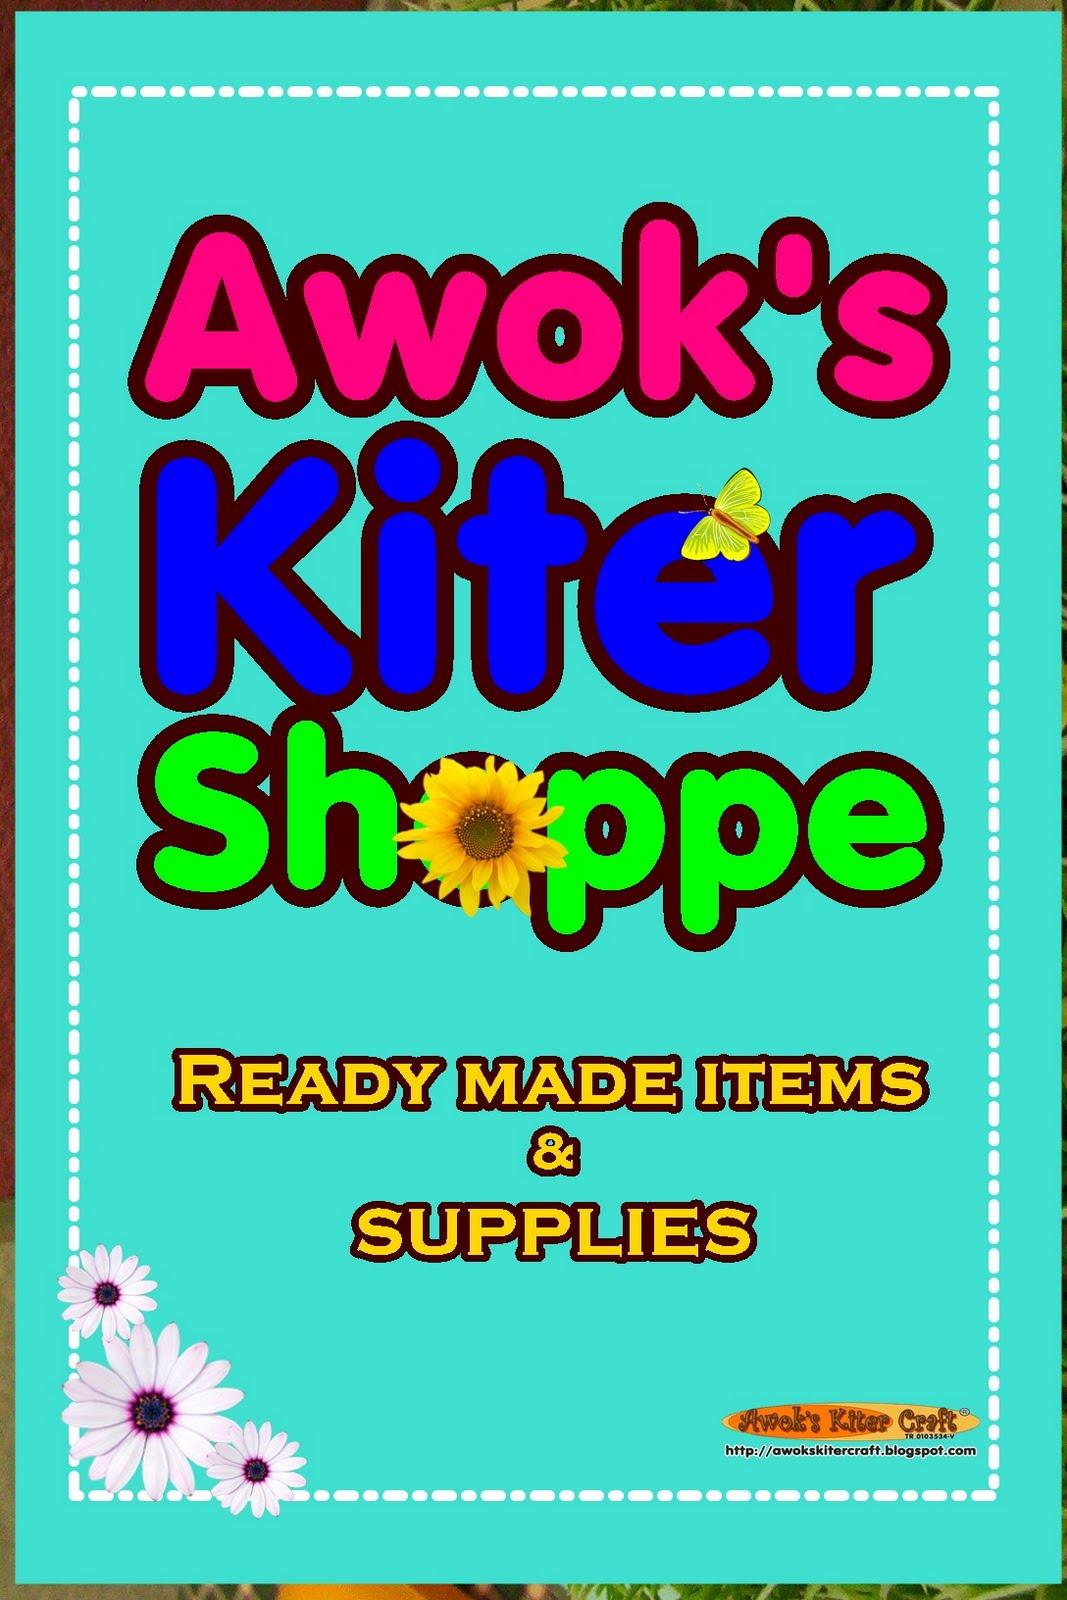 Awok's Kiter Shoppe